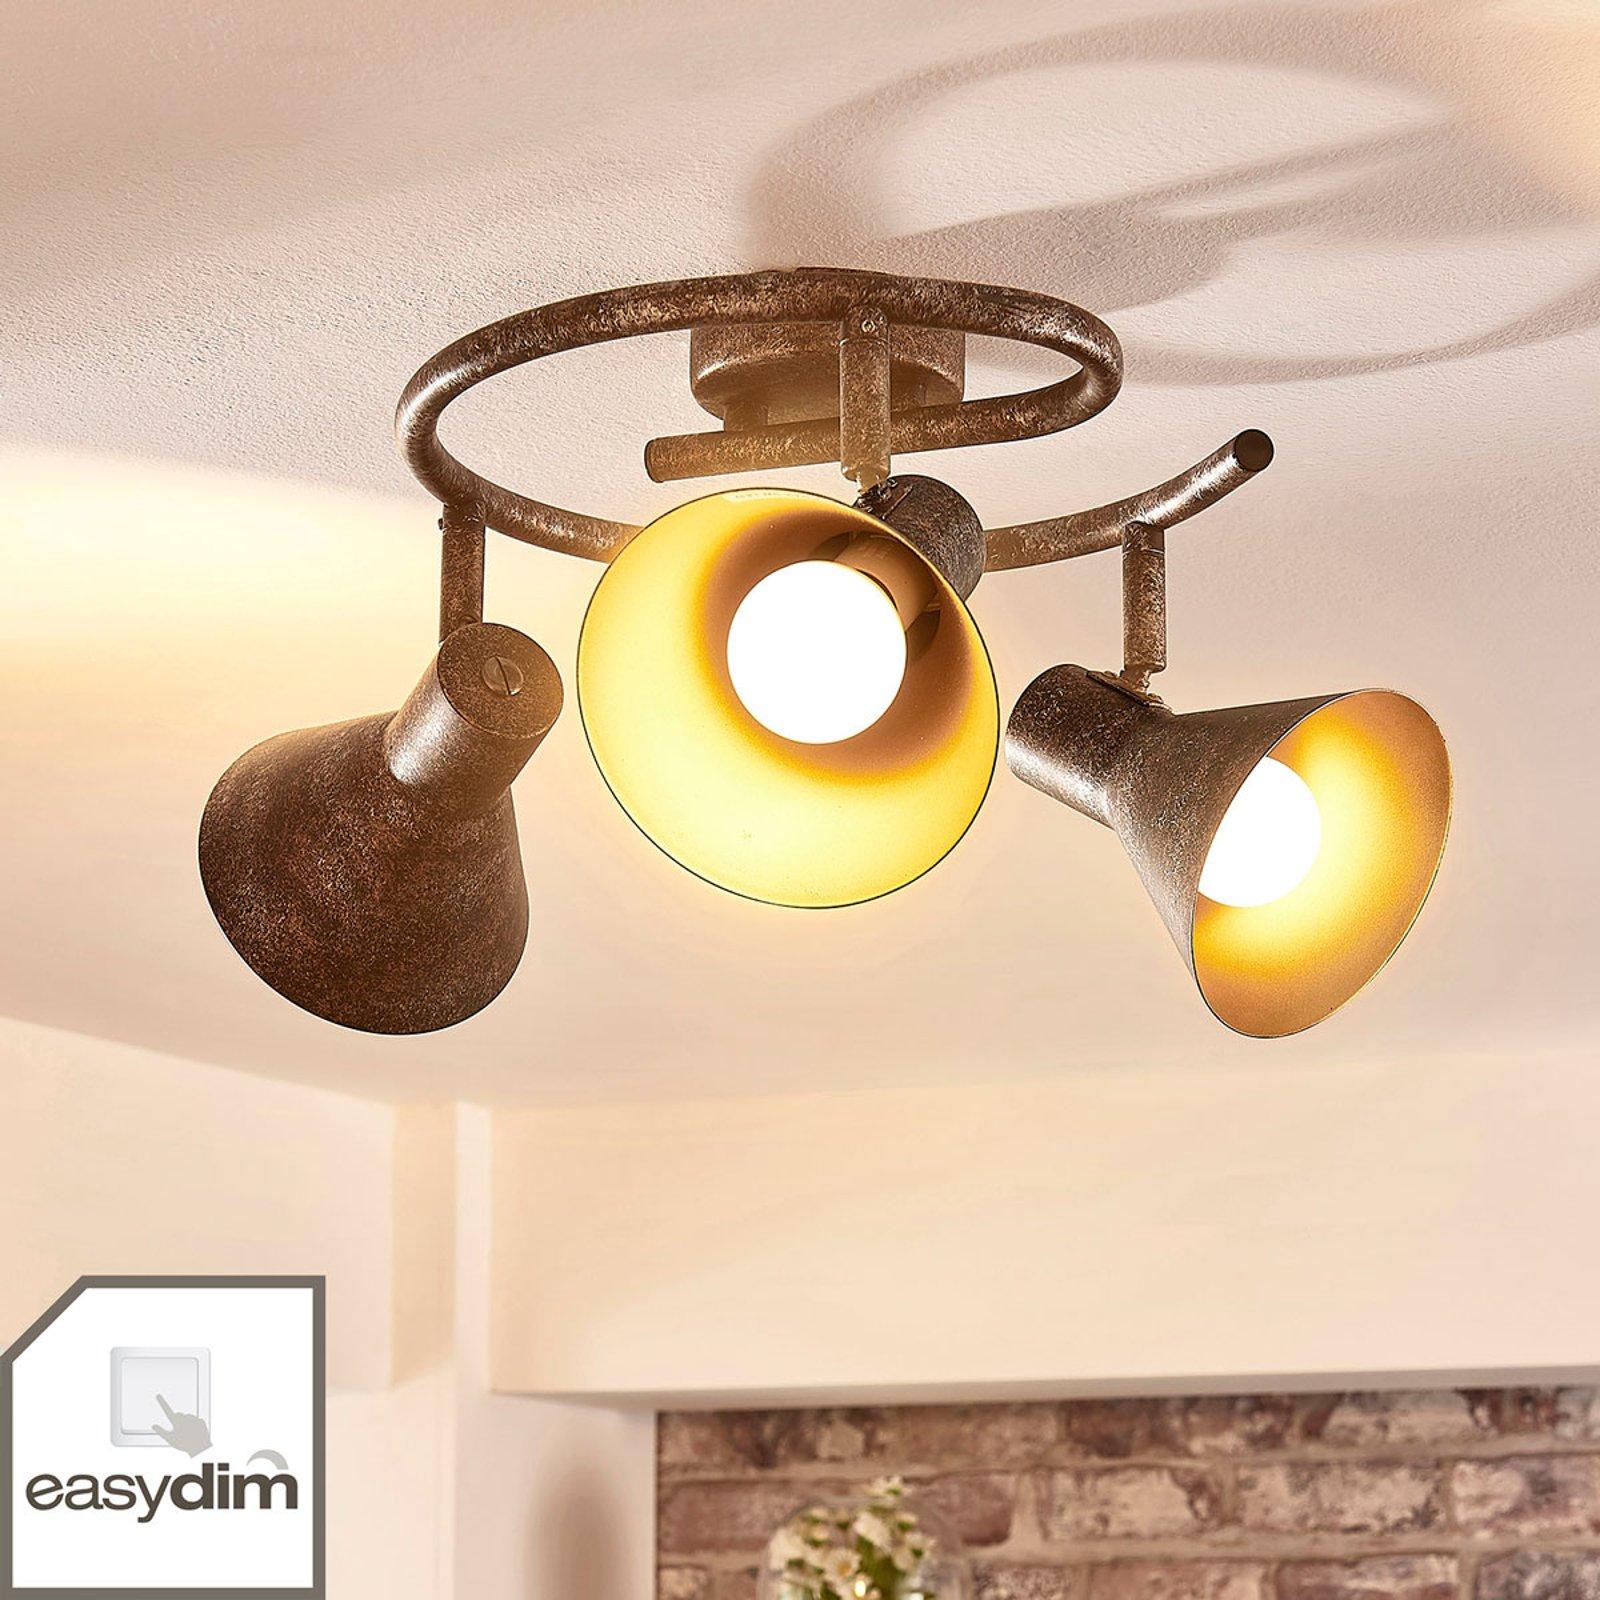 Dimbar LED-takrondell Zera i rust og gull